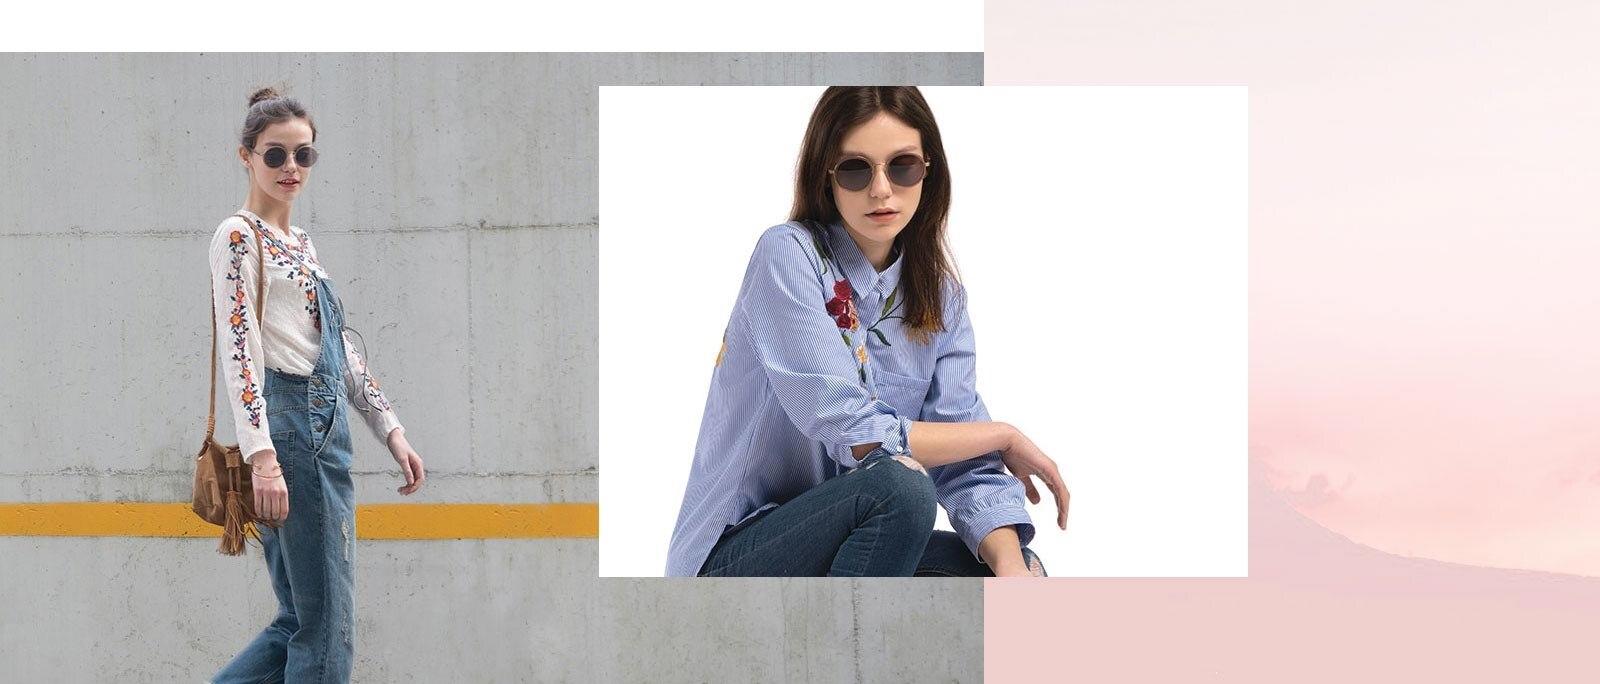 Woman wearing Bounce sunglasses